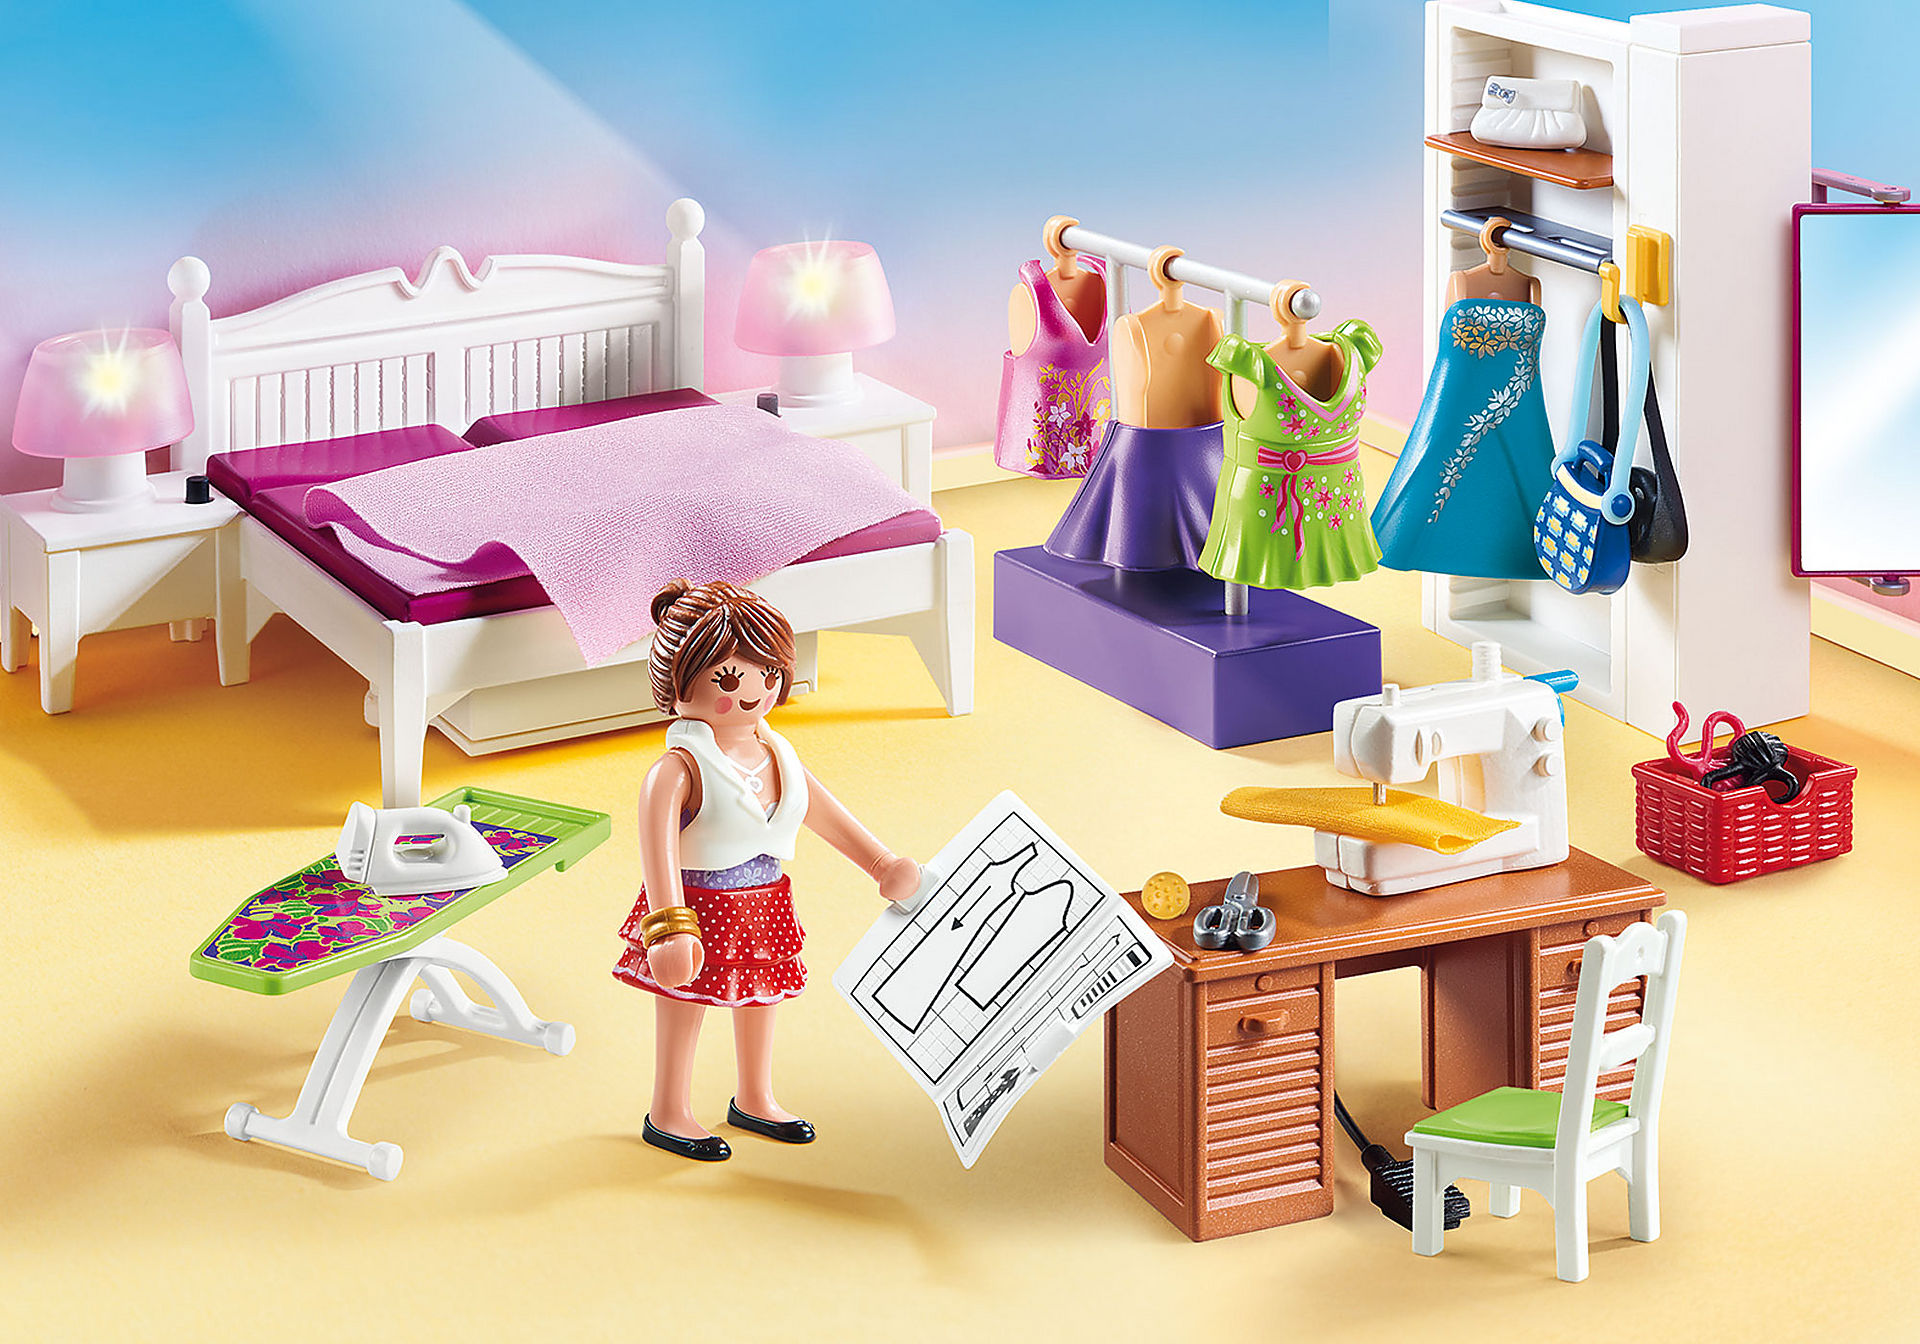 70208 Dormitorio zoom image1